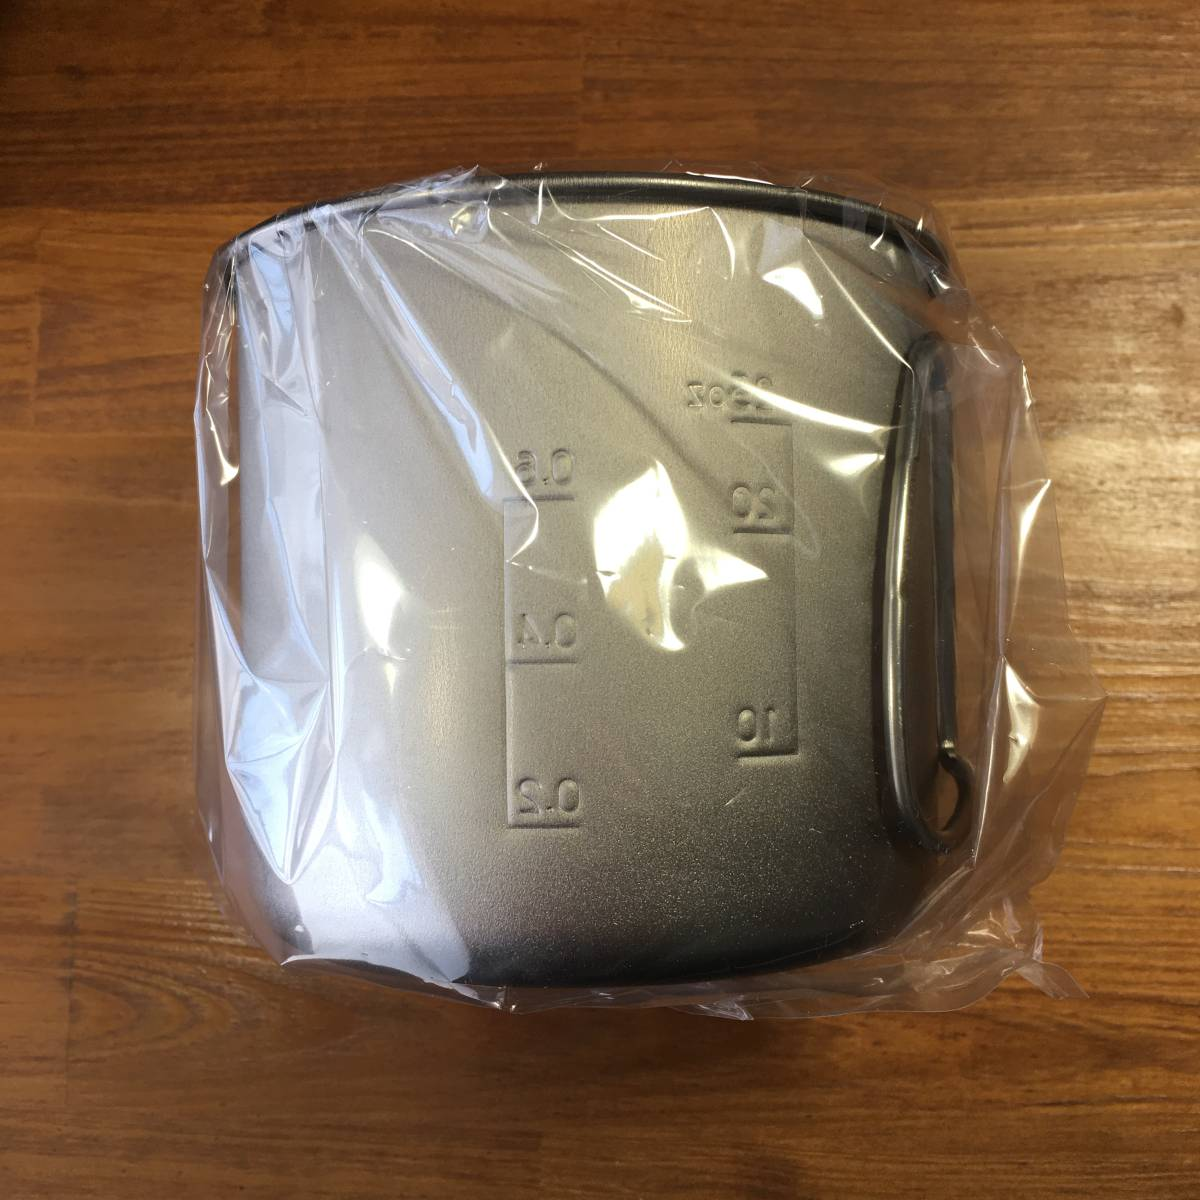 【送料無料/新品】スノーピーク snow peak チタントレック900 SCS-008T 日本製 メッシュ収納ケース付き チタンクッカー